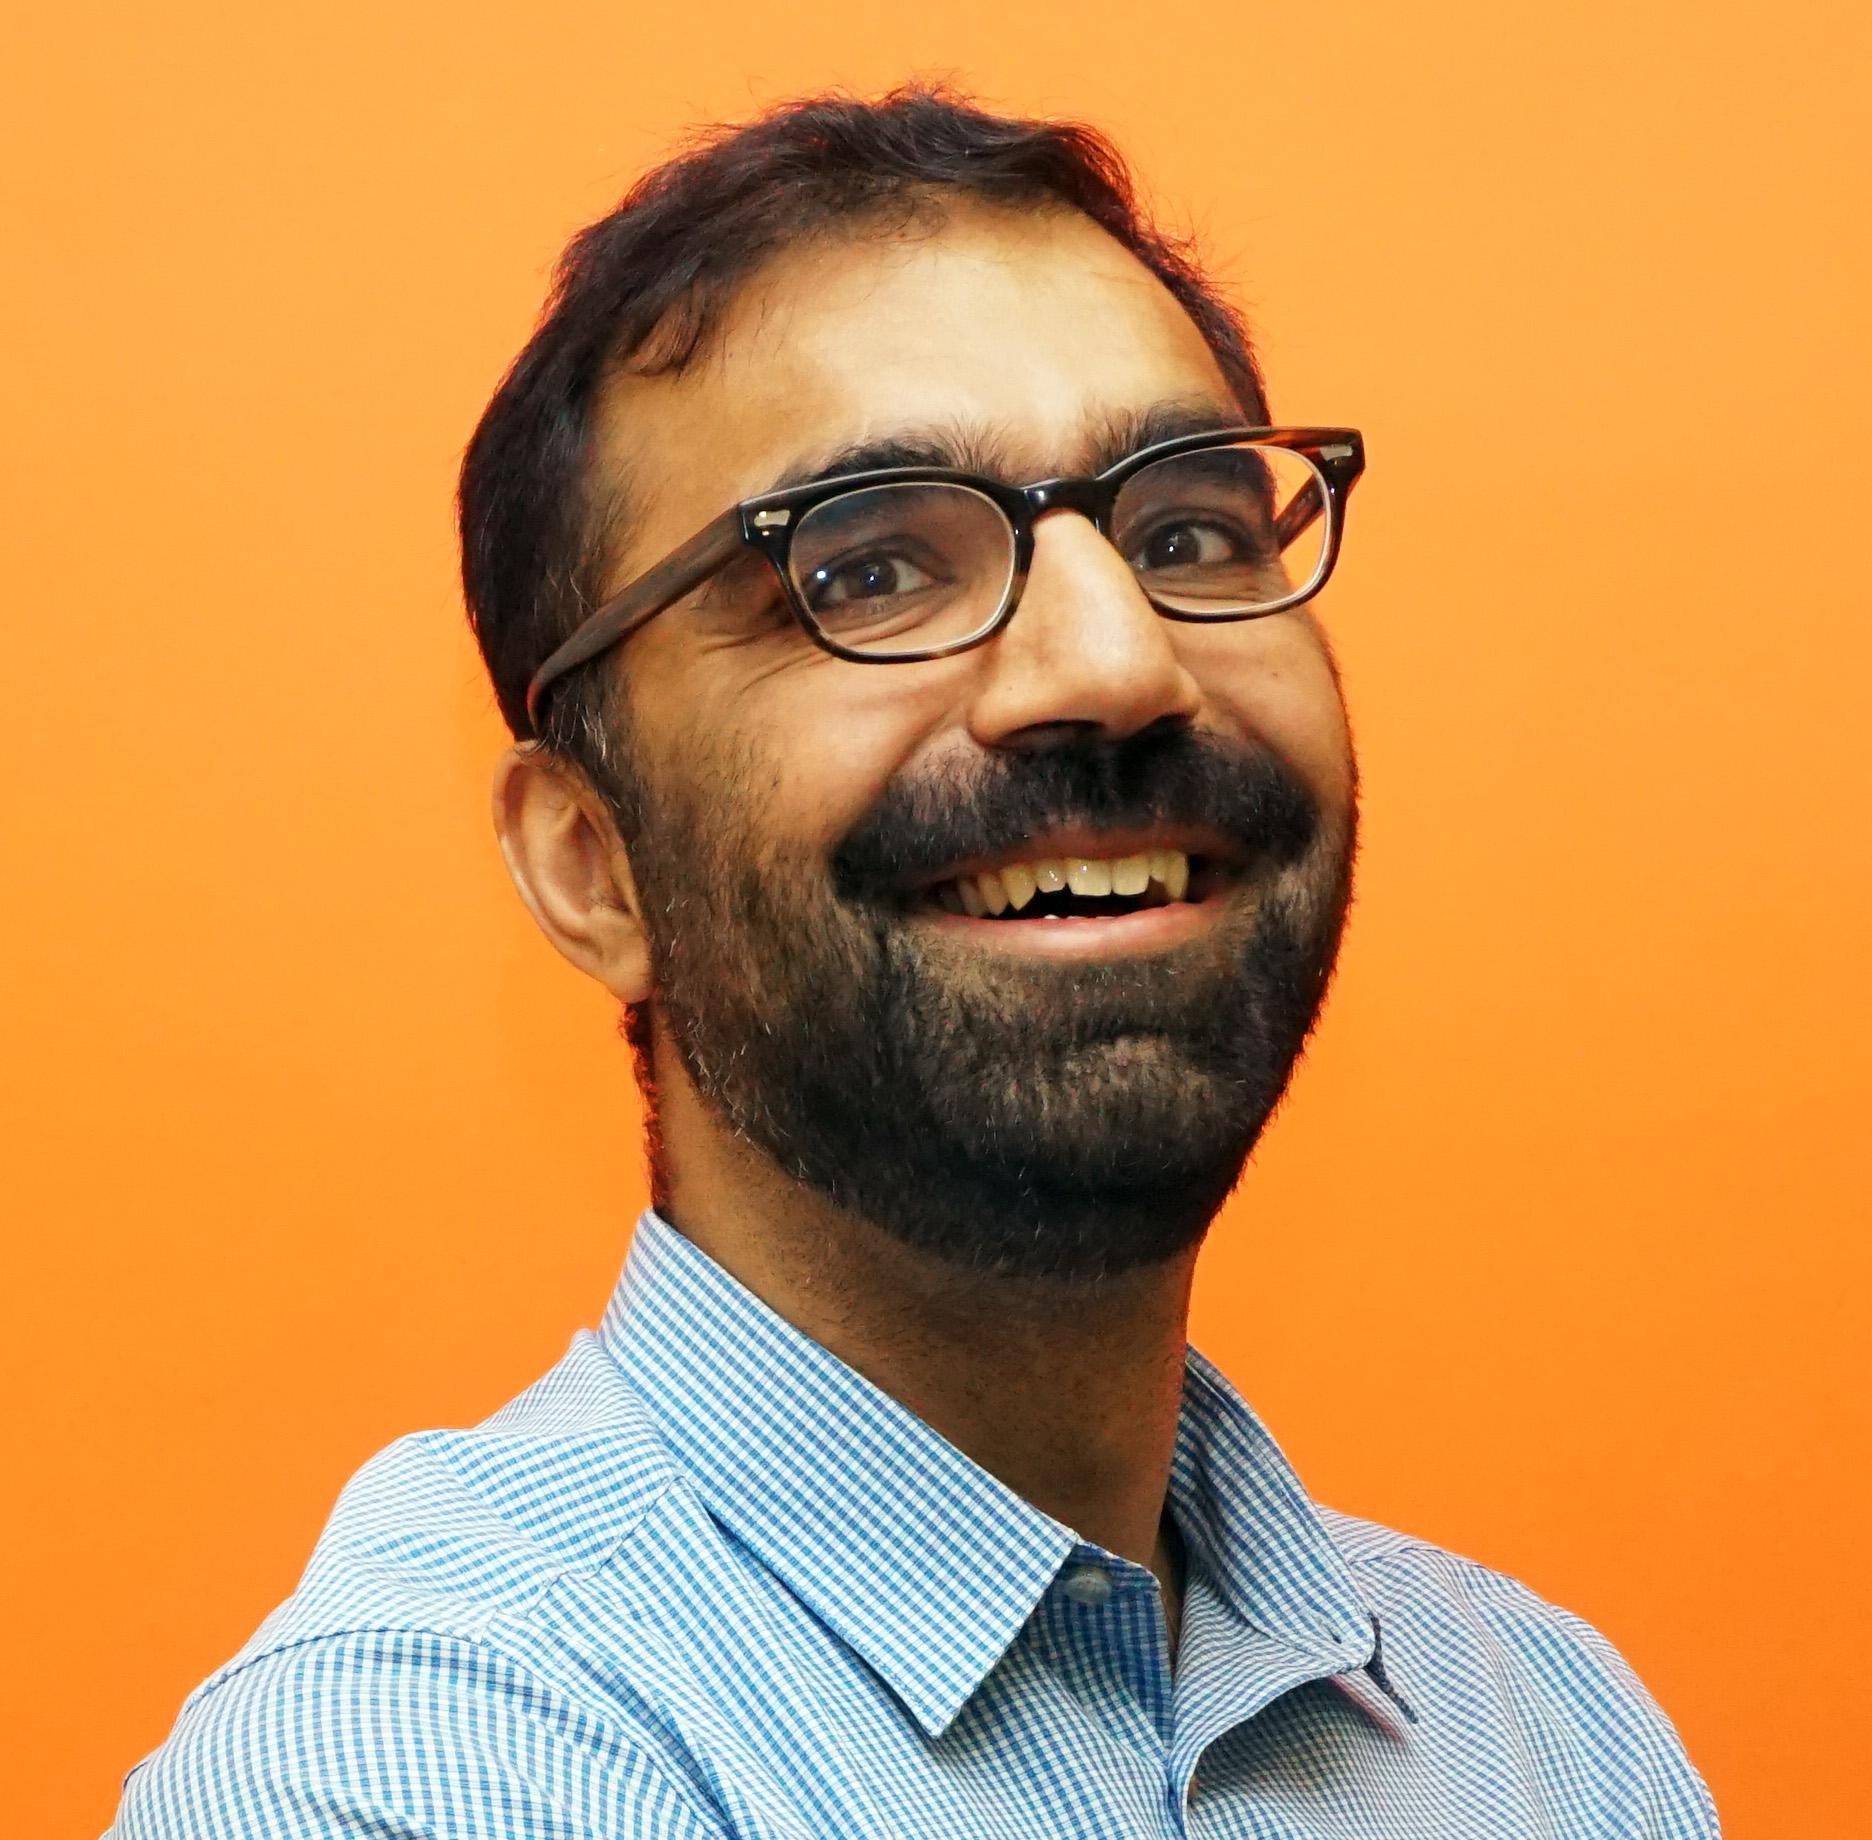 Iman Singh